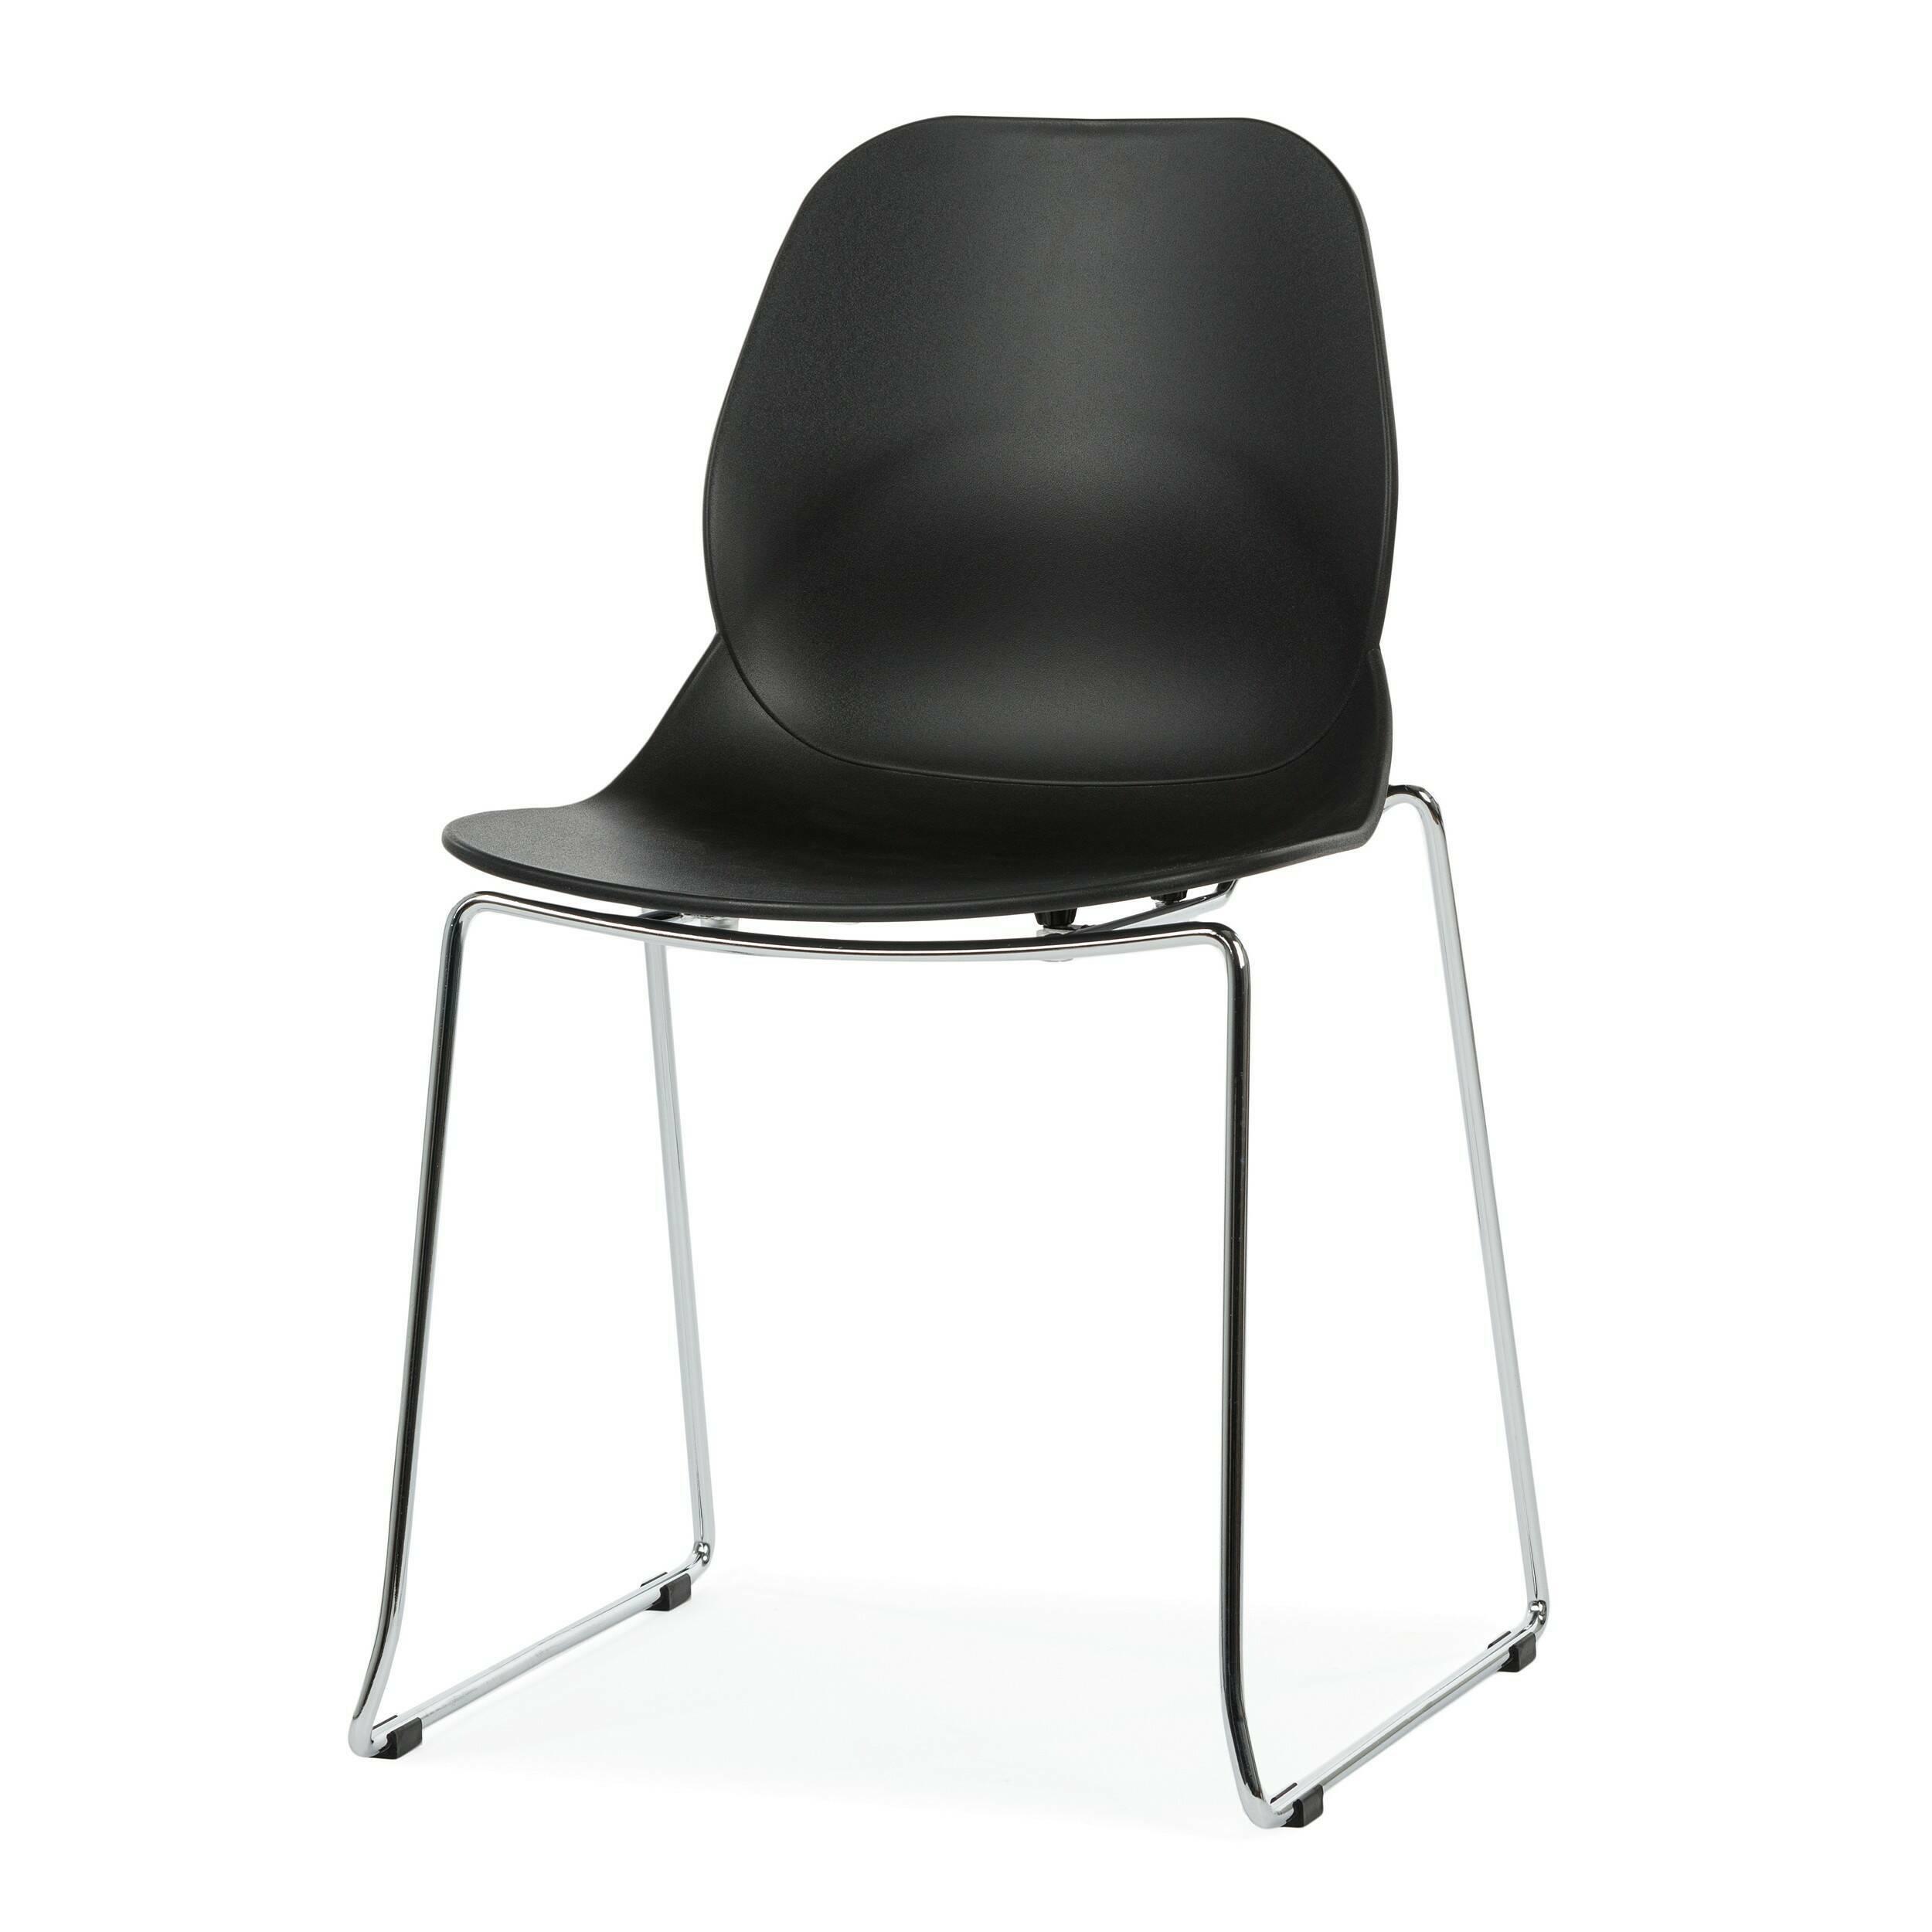 Стул LightweightИнтерьерные<br>Дизайнерский узкий высокий стул Lightweight (Лайтвейт) из пластика без подлокотников на тонких стальных ножках от Cosmo (Космо).<br>Стул Lightweight — это экономичный и стильный вариант мебели для офиса. Сглаженные формы сиденья, спинки и ножек приятны глазу. Сидеть же на нем невероятно комфортно, так как дизайнеры позаботились о своем потребителе, они спроектировали вогнутую спинку стула, благодаря которой отдых приятен и безвреден.<br> <br> Полипропилен, из которого выполнено сиденье, славится св...<br><br>stock: 3<br>Высота: 82,5<br>Ширина: 54<br>Глубина: 49,5<br>Цвет ножек: Хром<br>Цвет сидения: Черный<br>Тип материала сидения: Полипропилен<br>Тип материала ножек: Сталь нержавеющая